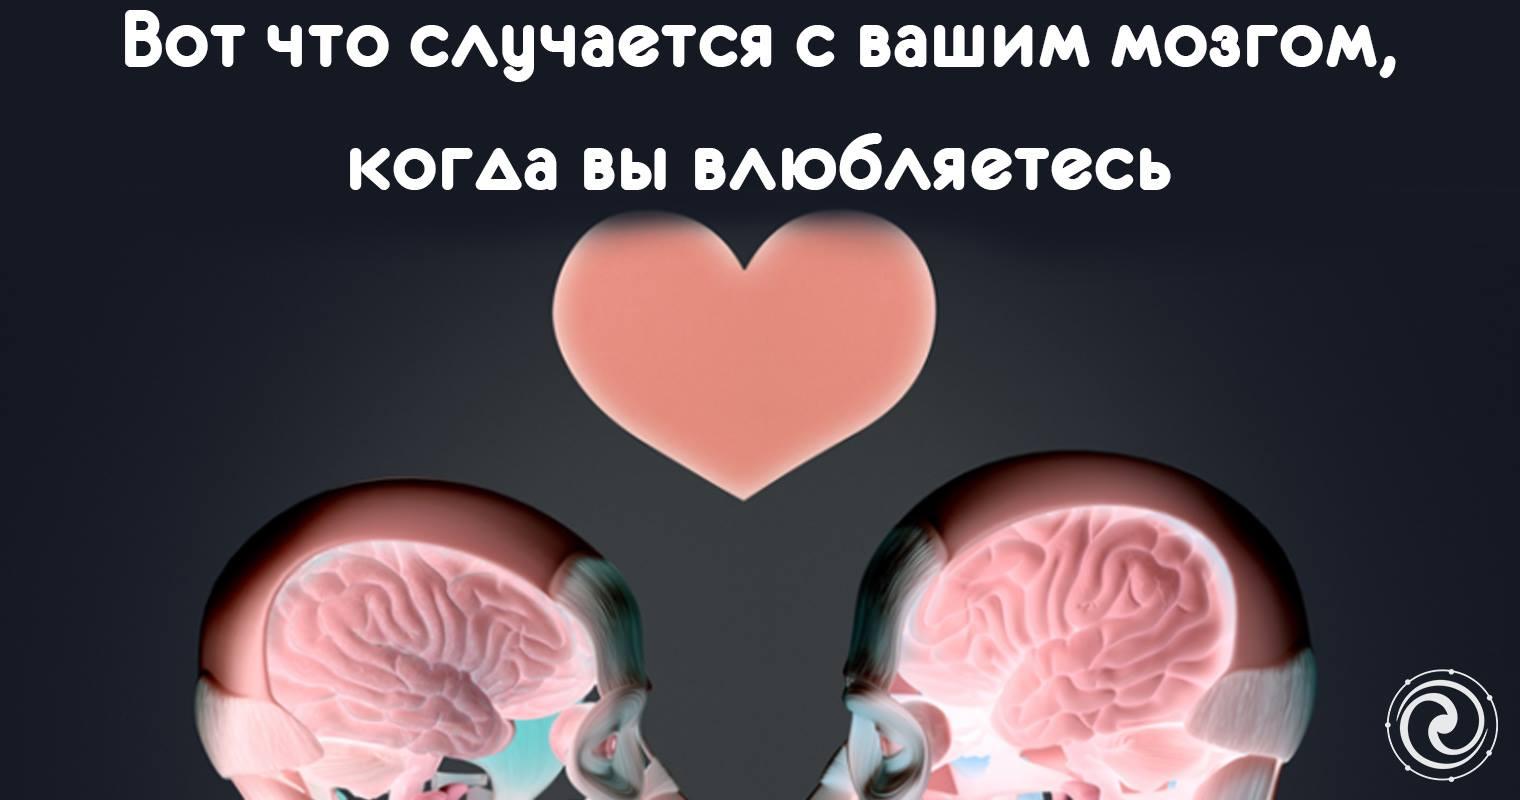 mozg-i-seks-tsena-vlyublennosti